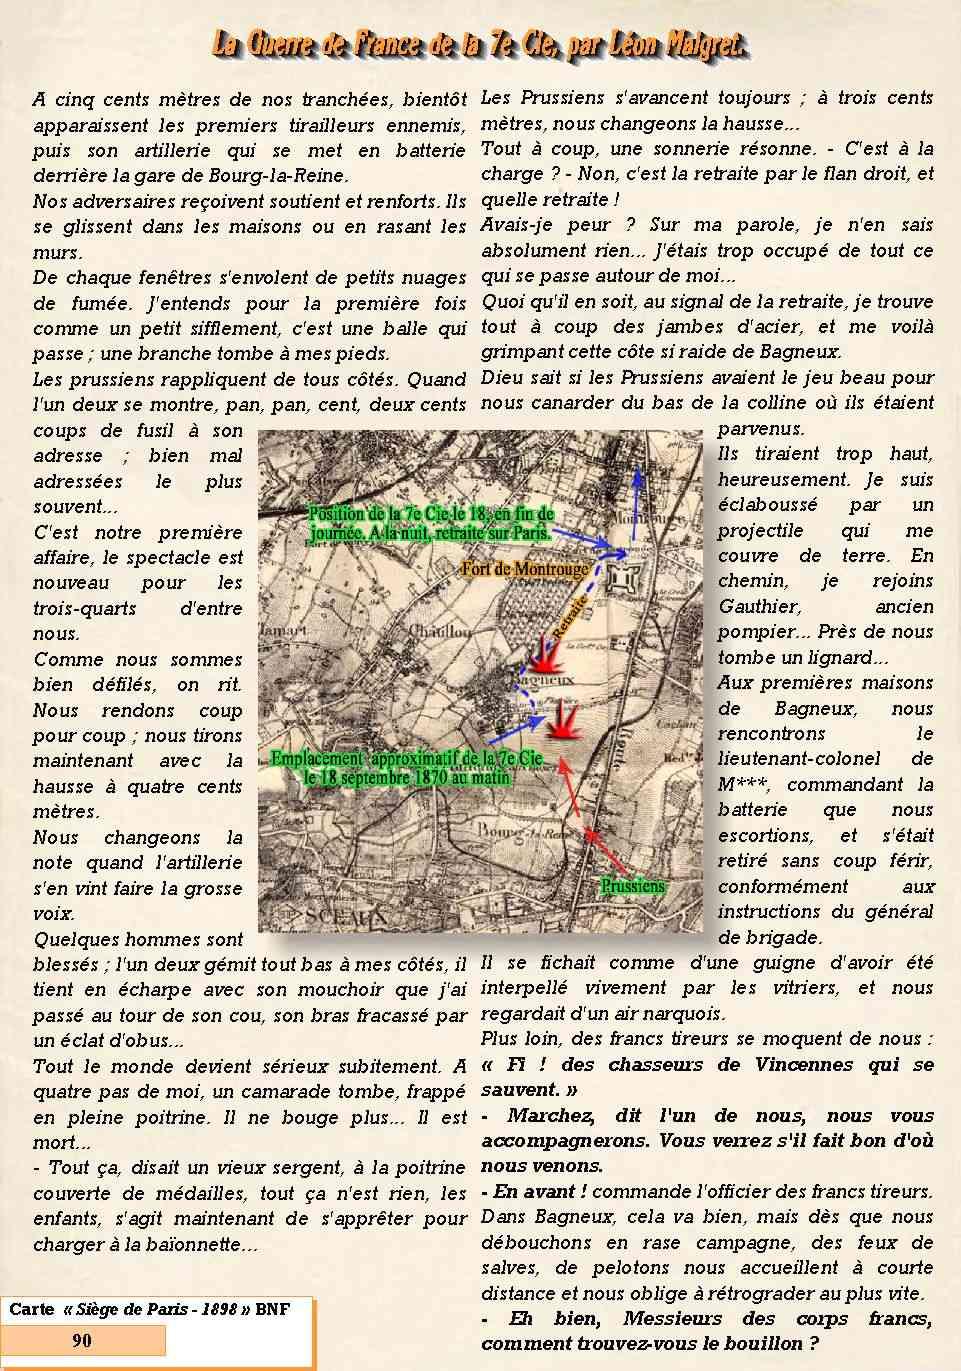 L'Historique du 14e Bataillon de Chasseurs. 1854 - 1962 Page_914